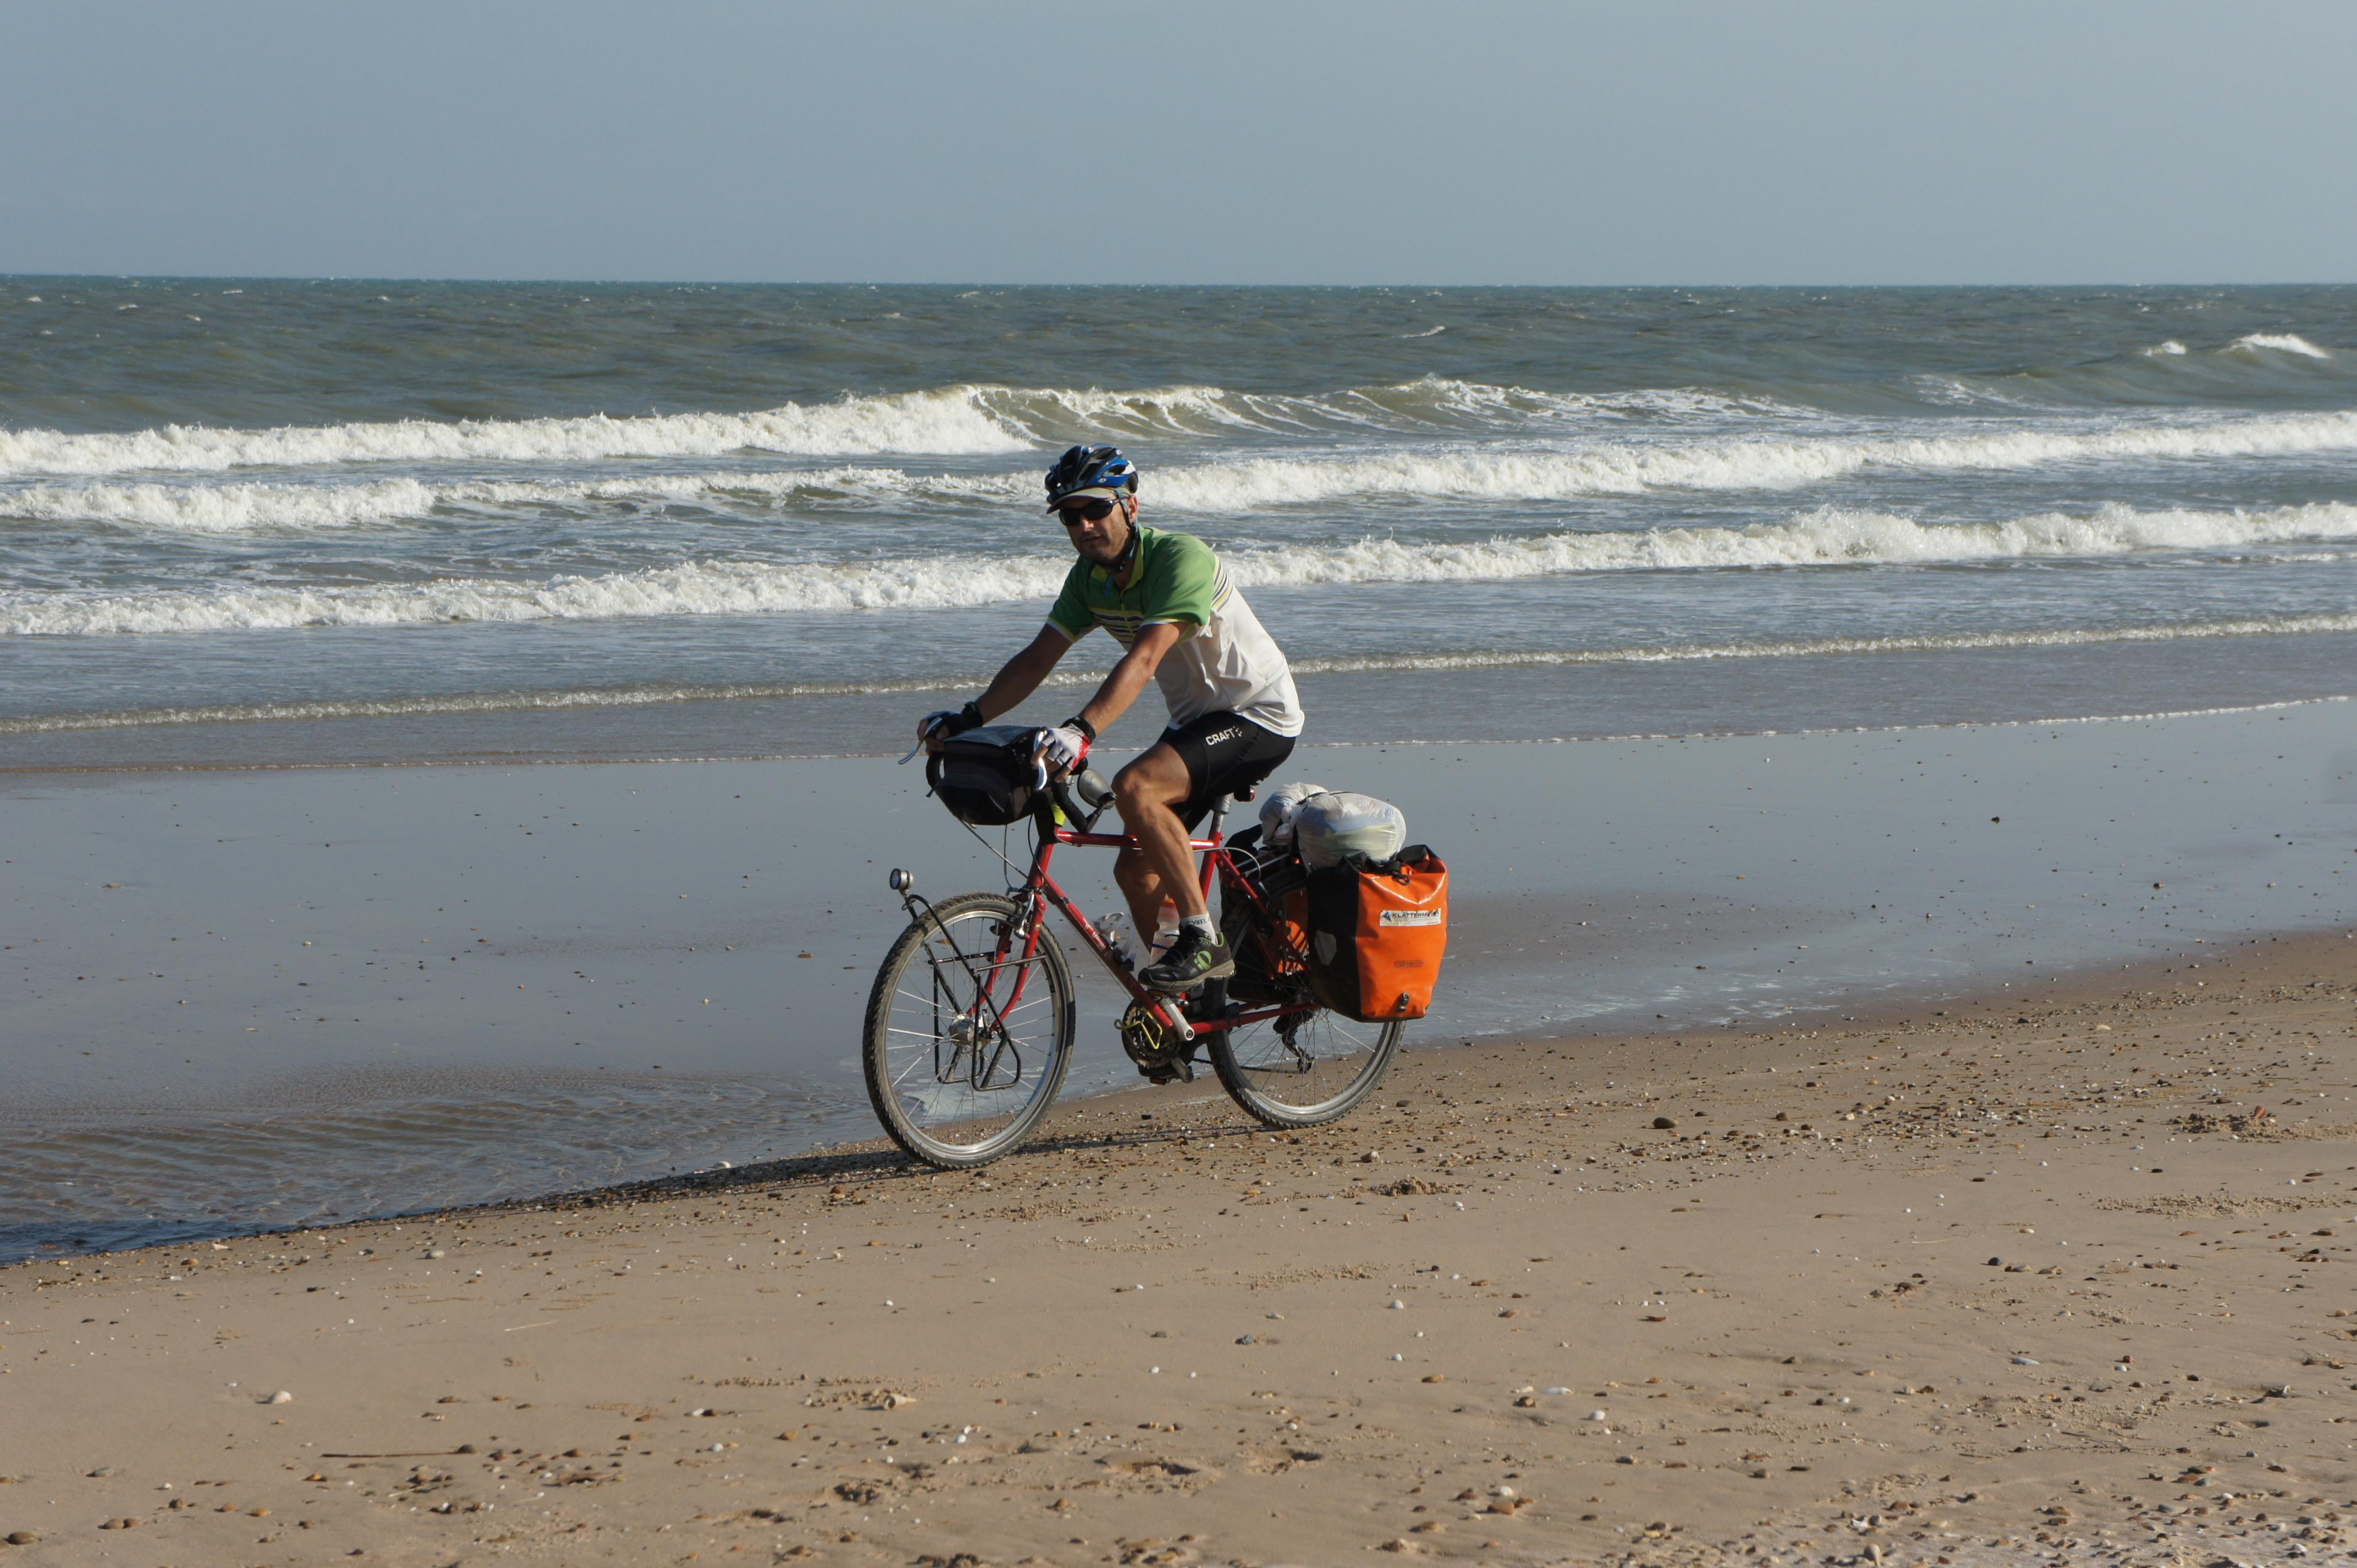 Beach cruising